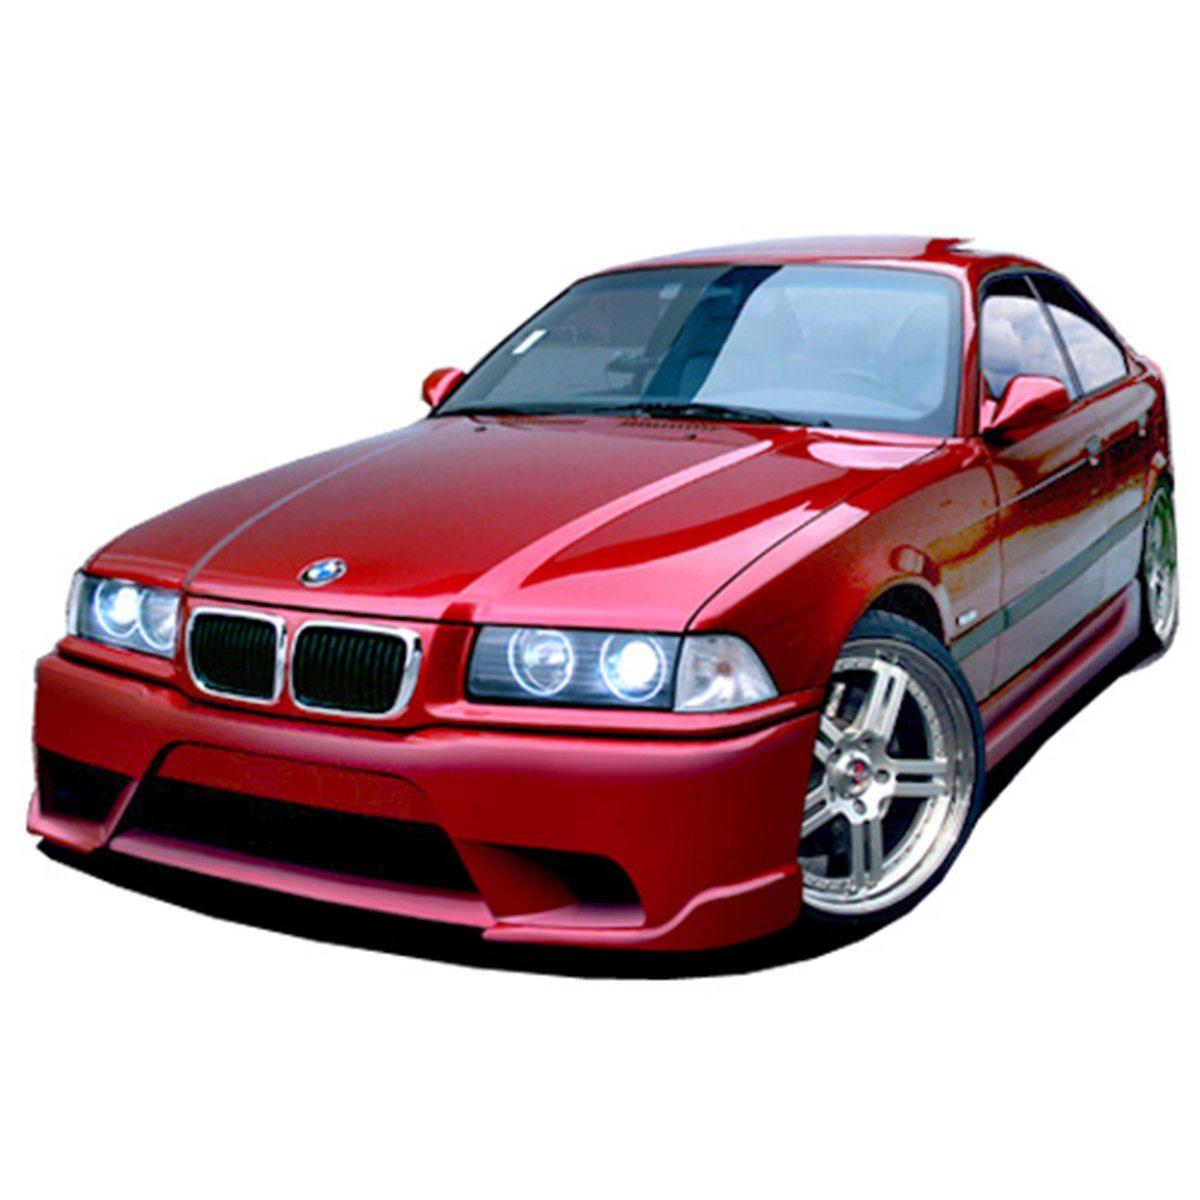 BMW-E36-Poison-Frt-PCR003